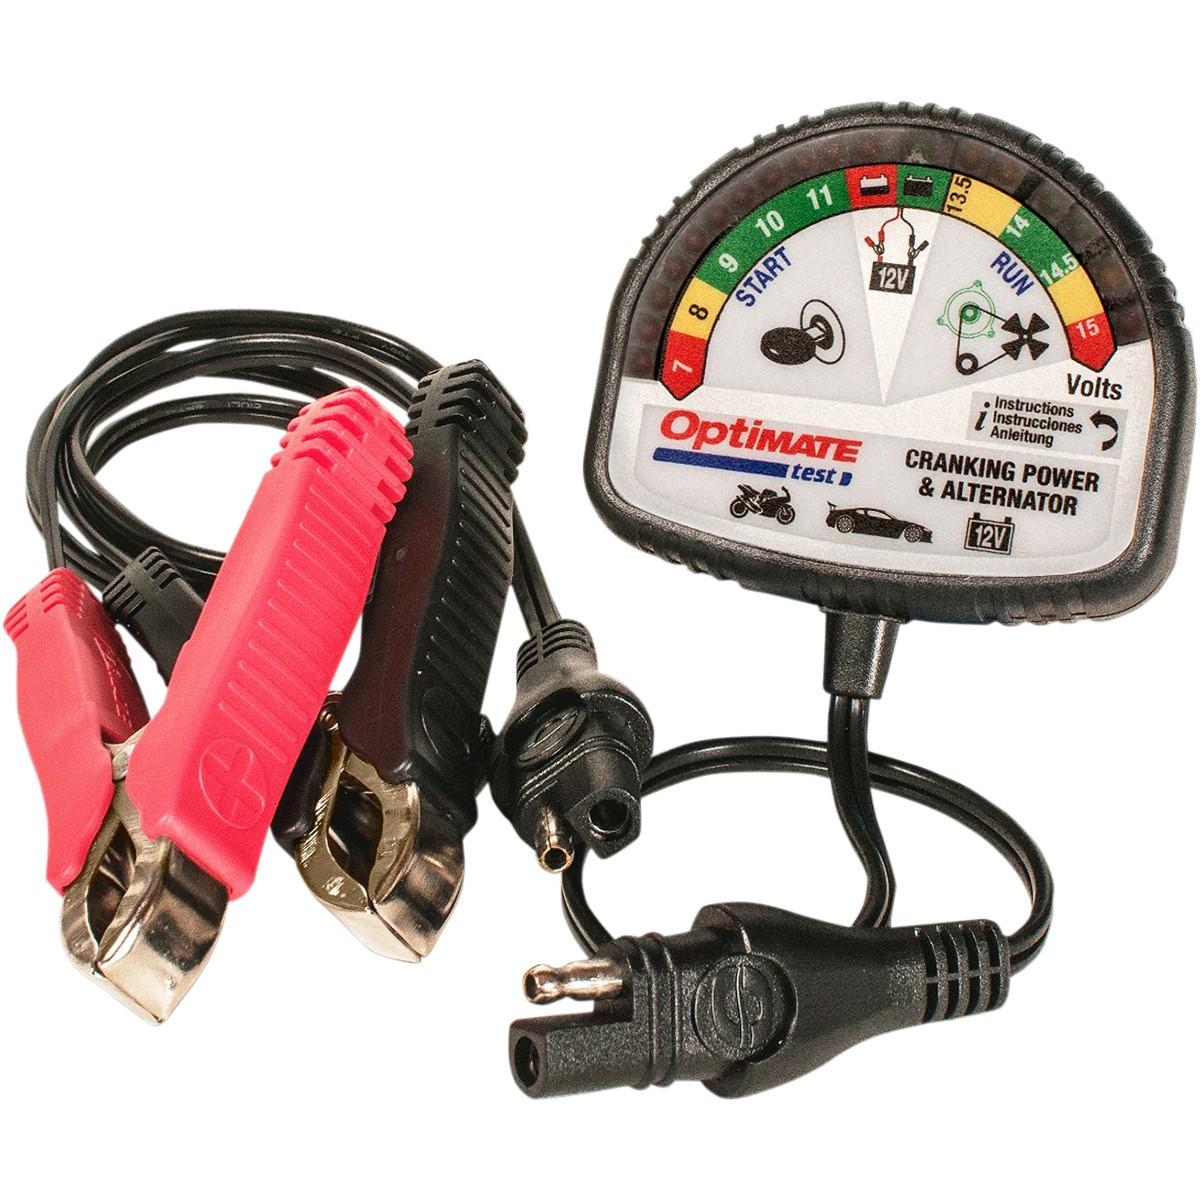 Тестер аккумуляторных батарей OptiMate Test. TS12061/62/2Простейшее и информативное устройство OptiMate Test предназначено для проверки работоспособности аккумуляторных батарей и генератора на любом транспортном средстве: автомобилях, мотоциклах, скутерах и т.д.